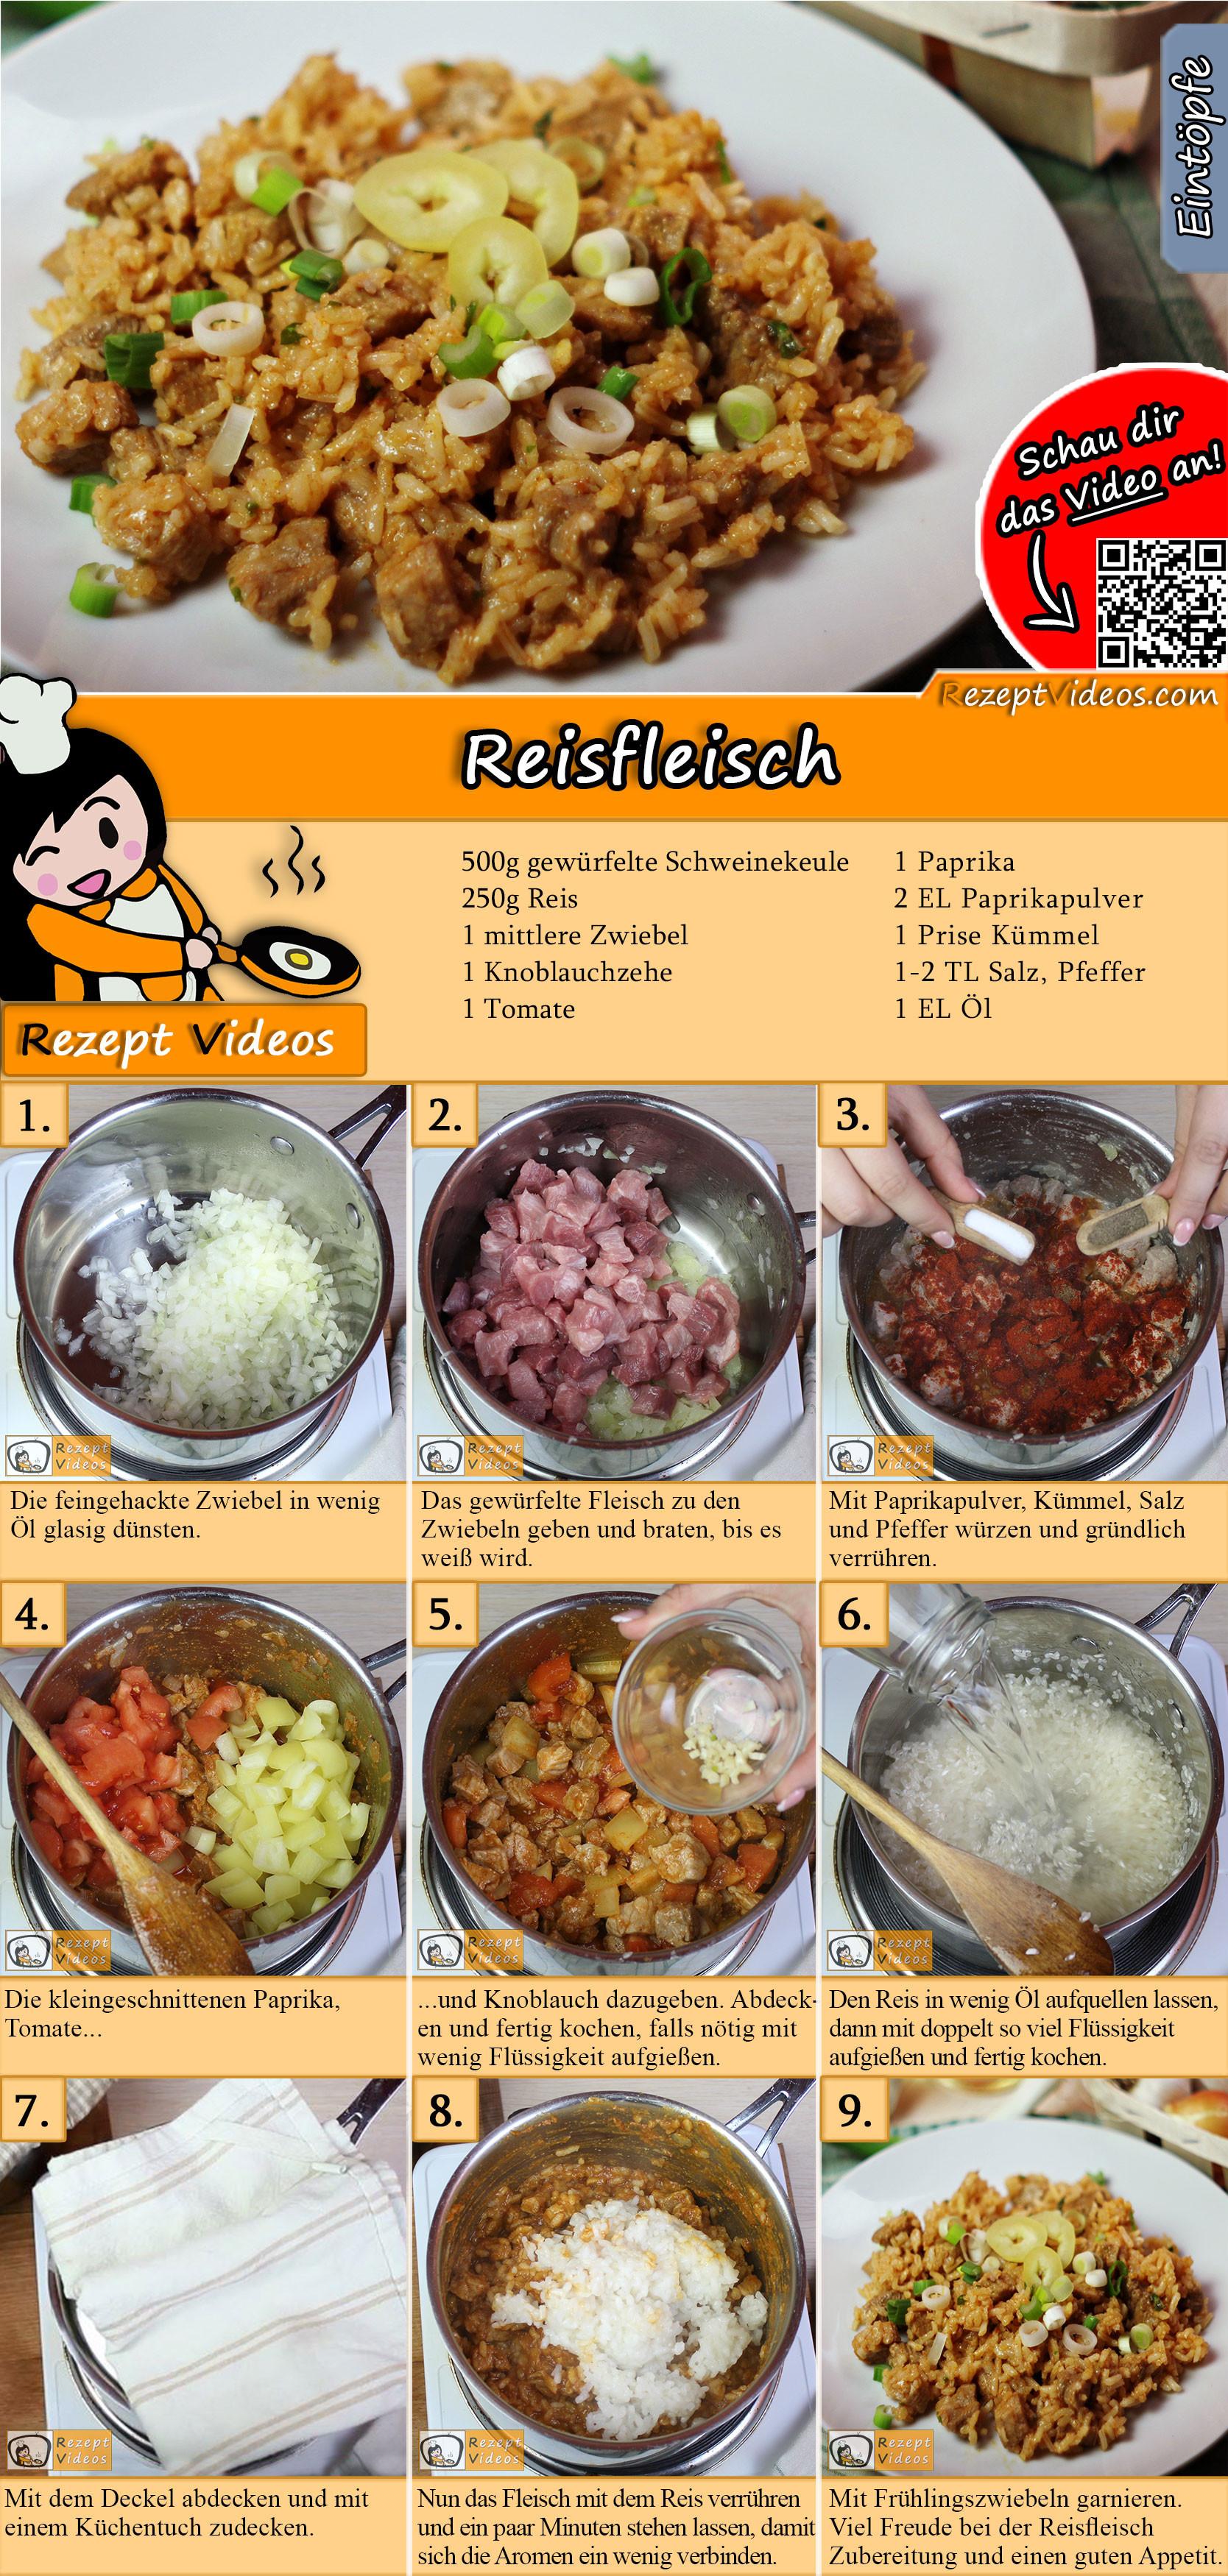 Reisfleisch Rezept mit Video